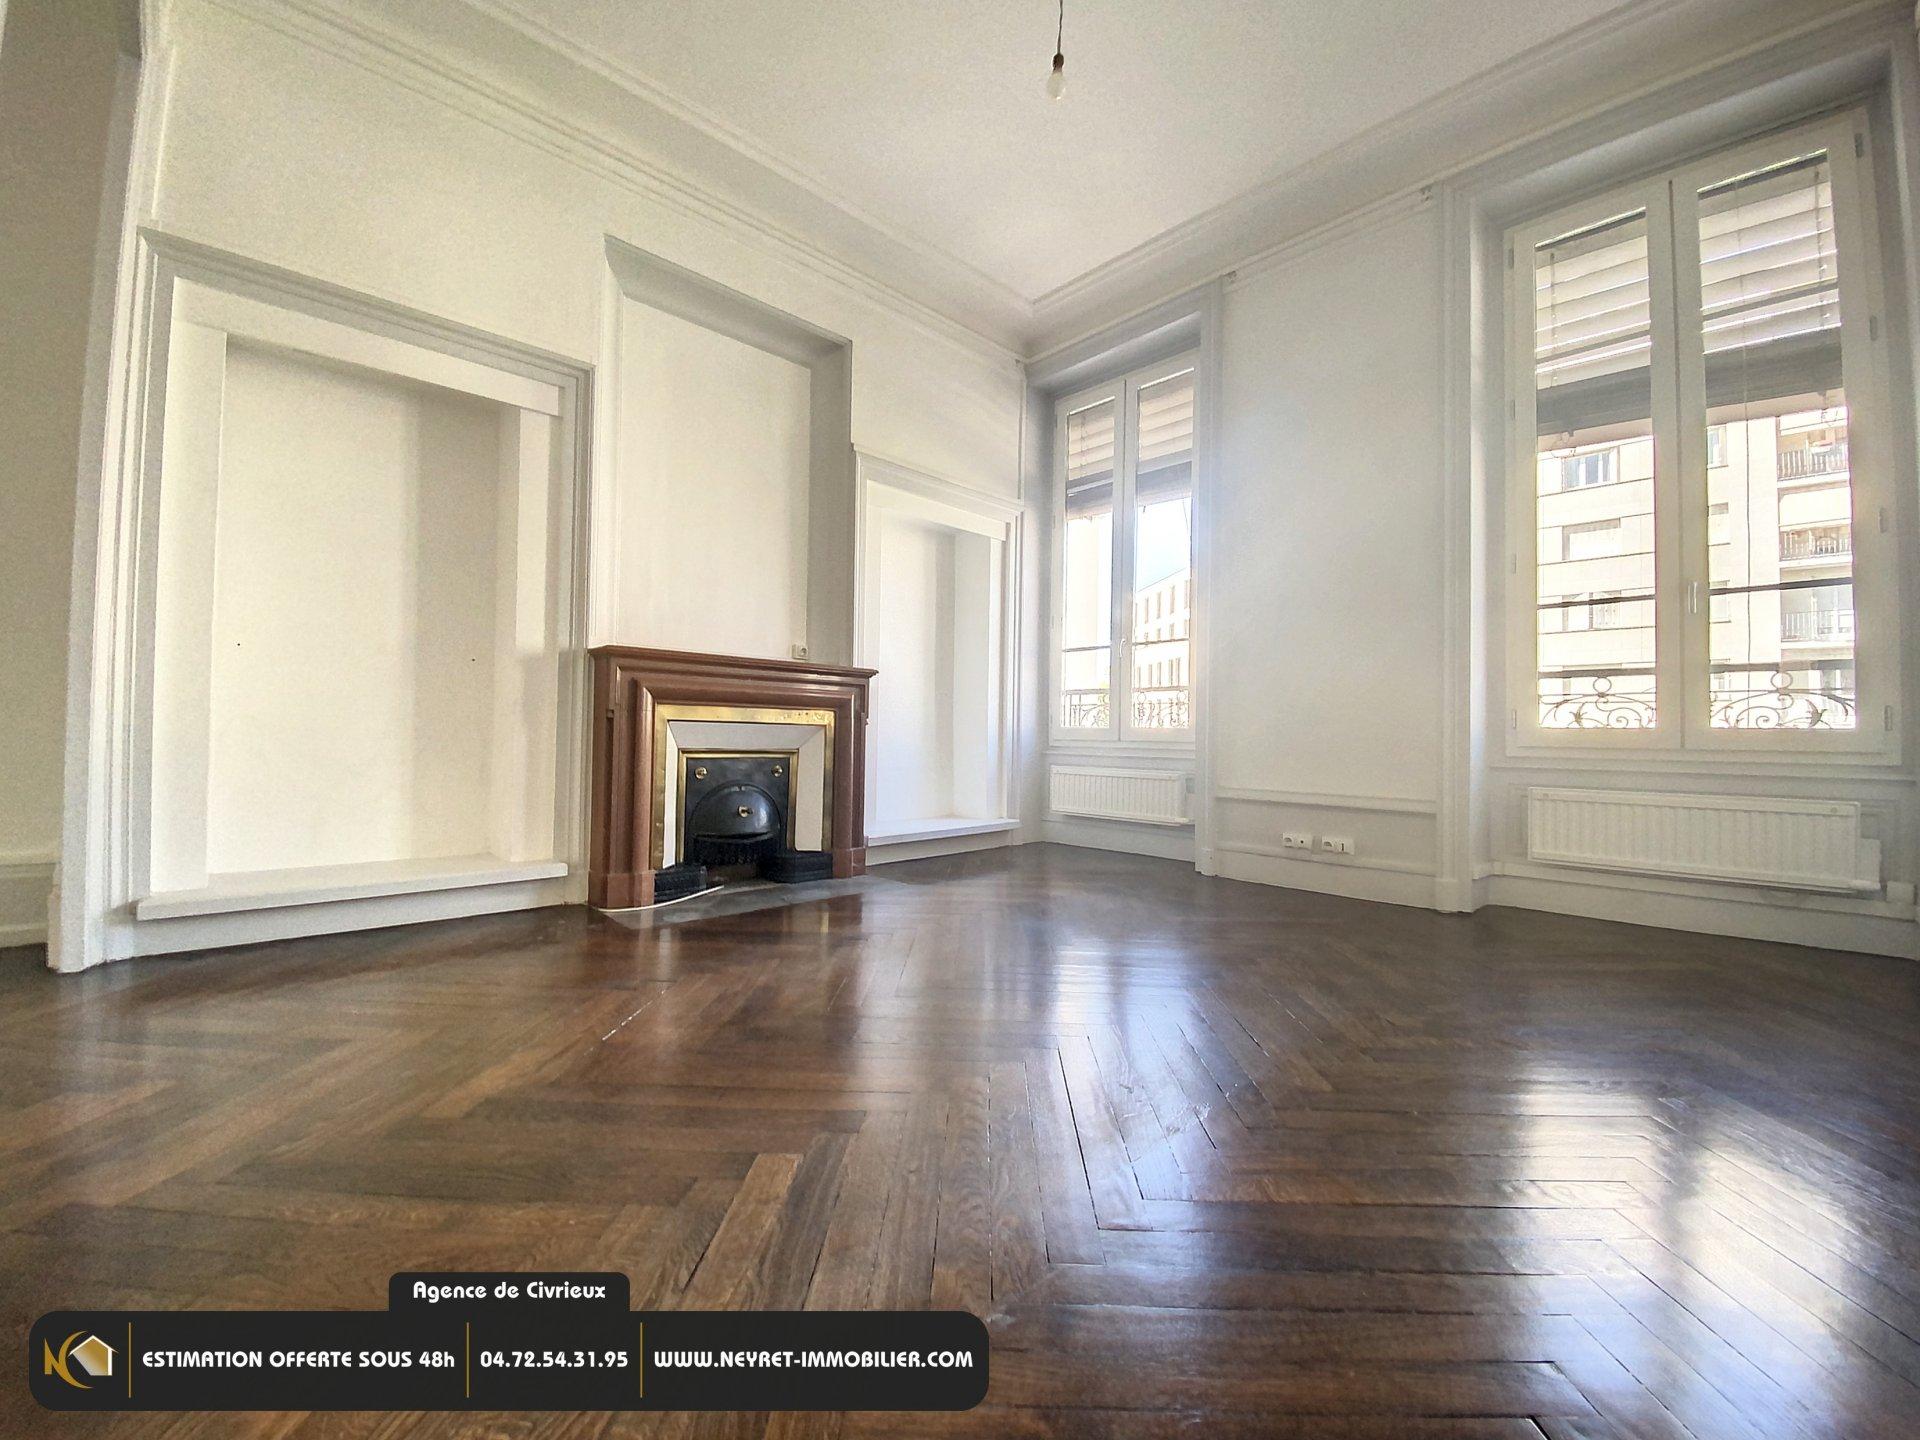 Appartement T3 - Croix Rousse - Métro Hénon